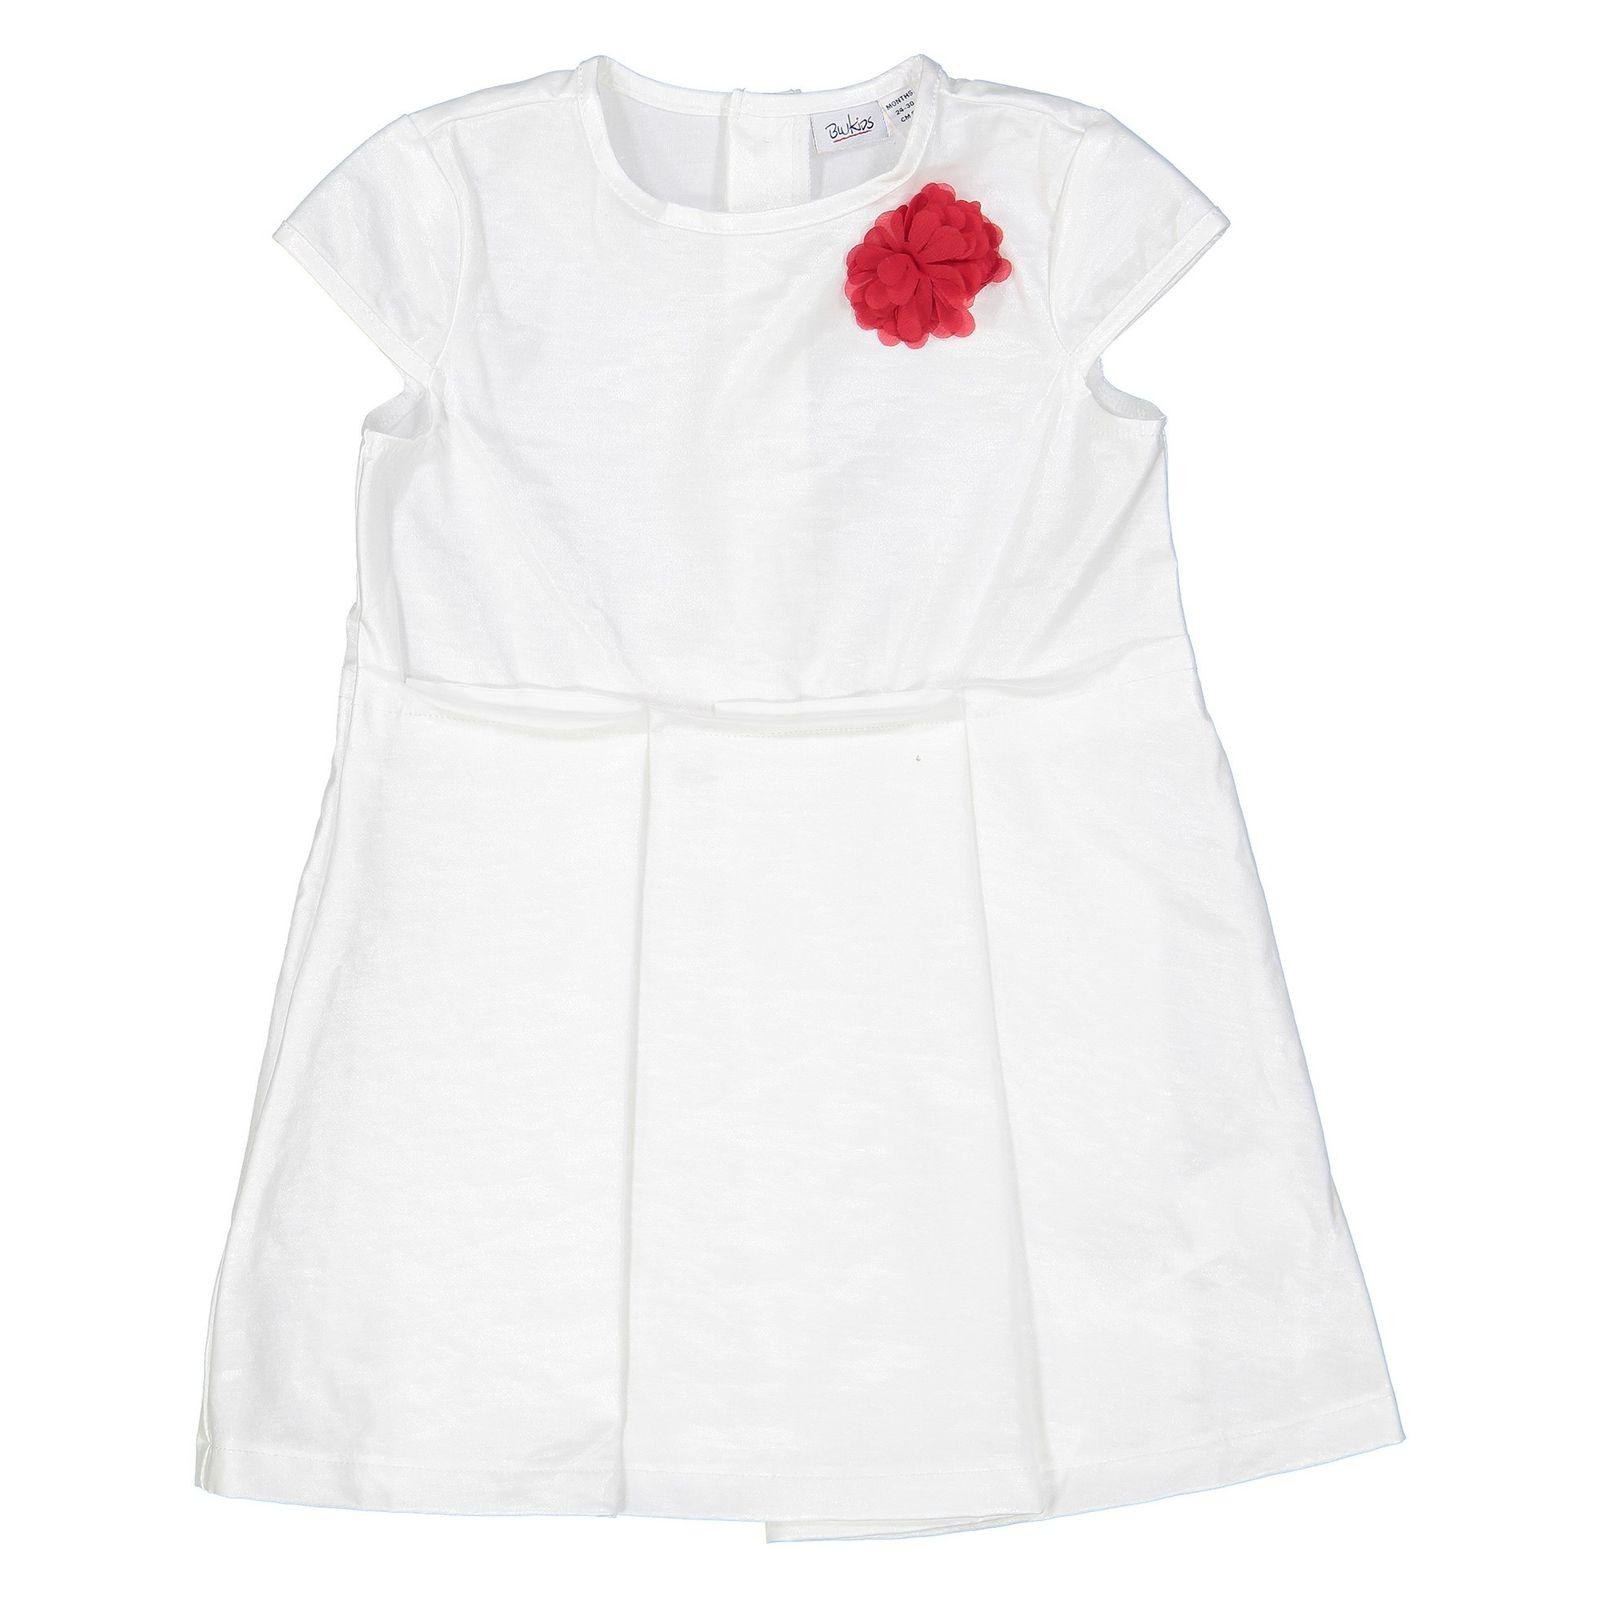 پیراهن آستین کوتاه نوزادی دخترانه - بلوکیدز - سفيد - 1